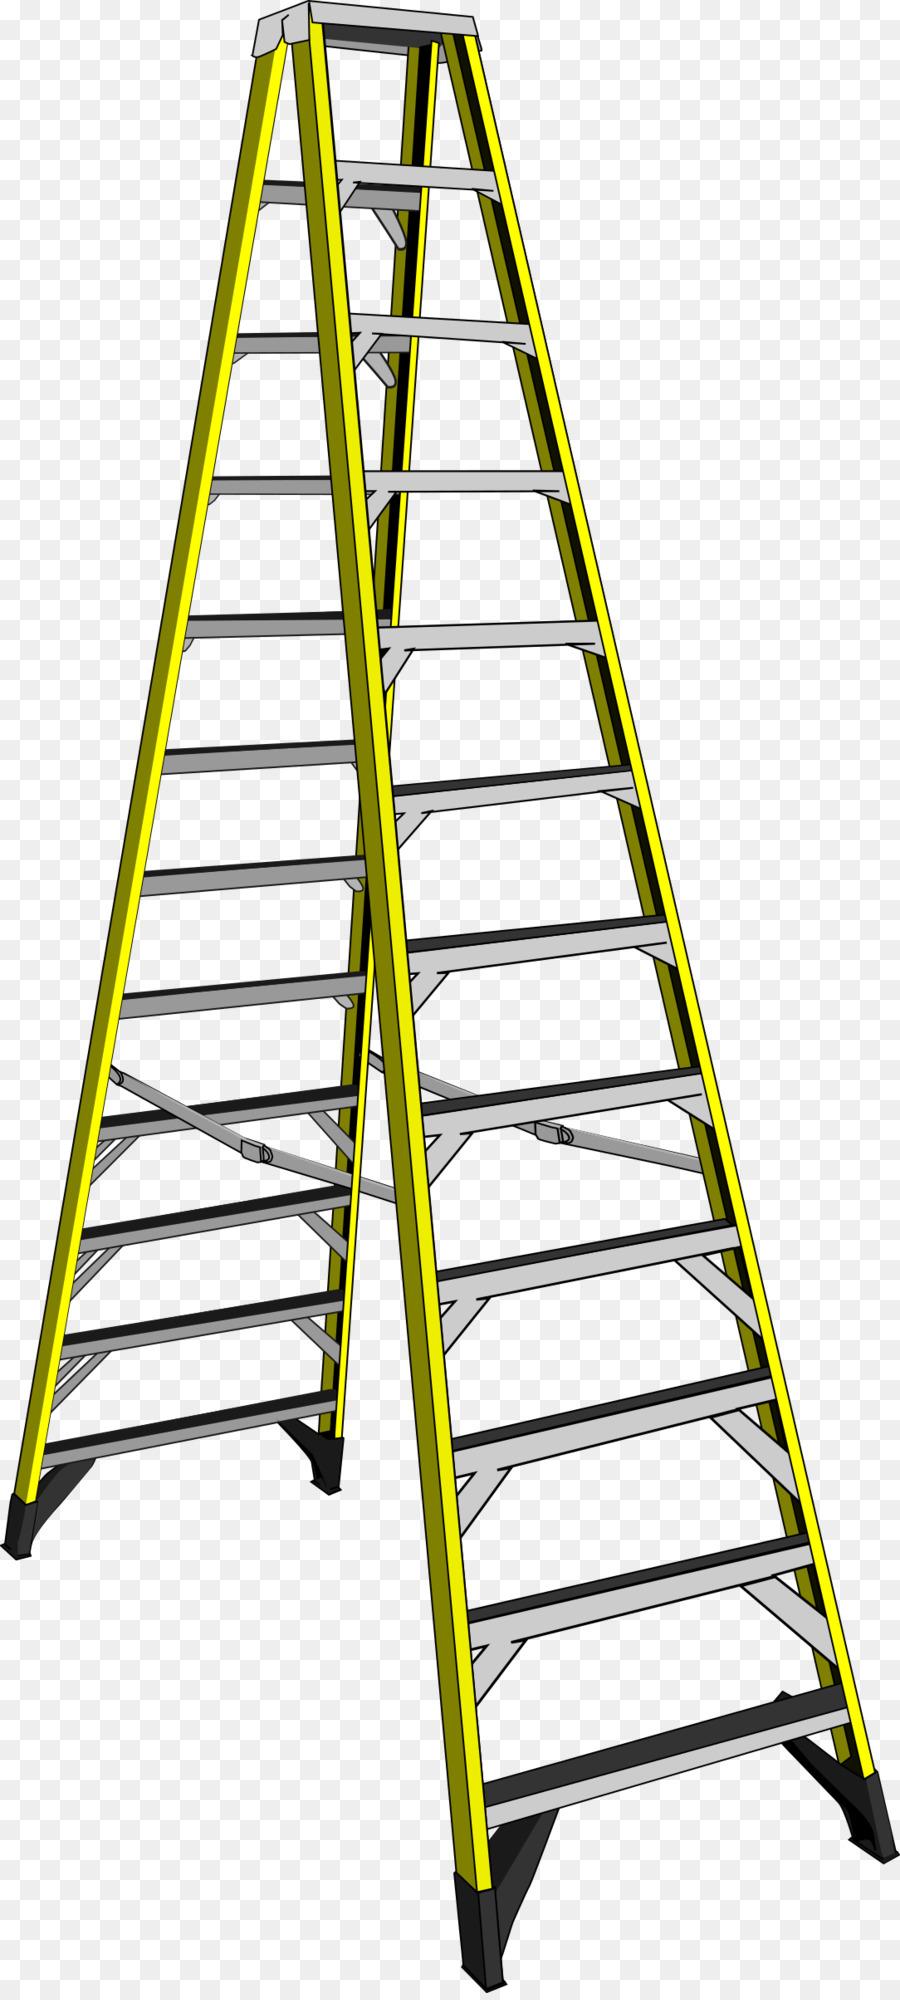 Cartoon transparent clip art. Ladder clipart yellow ladder